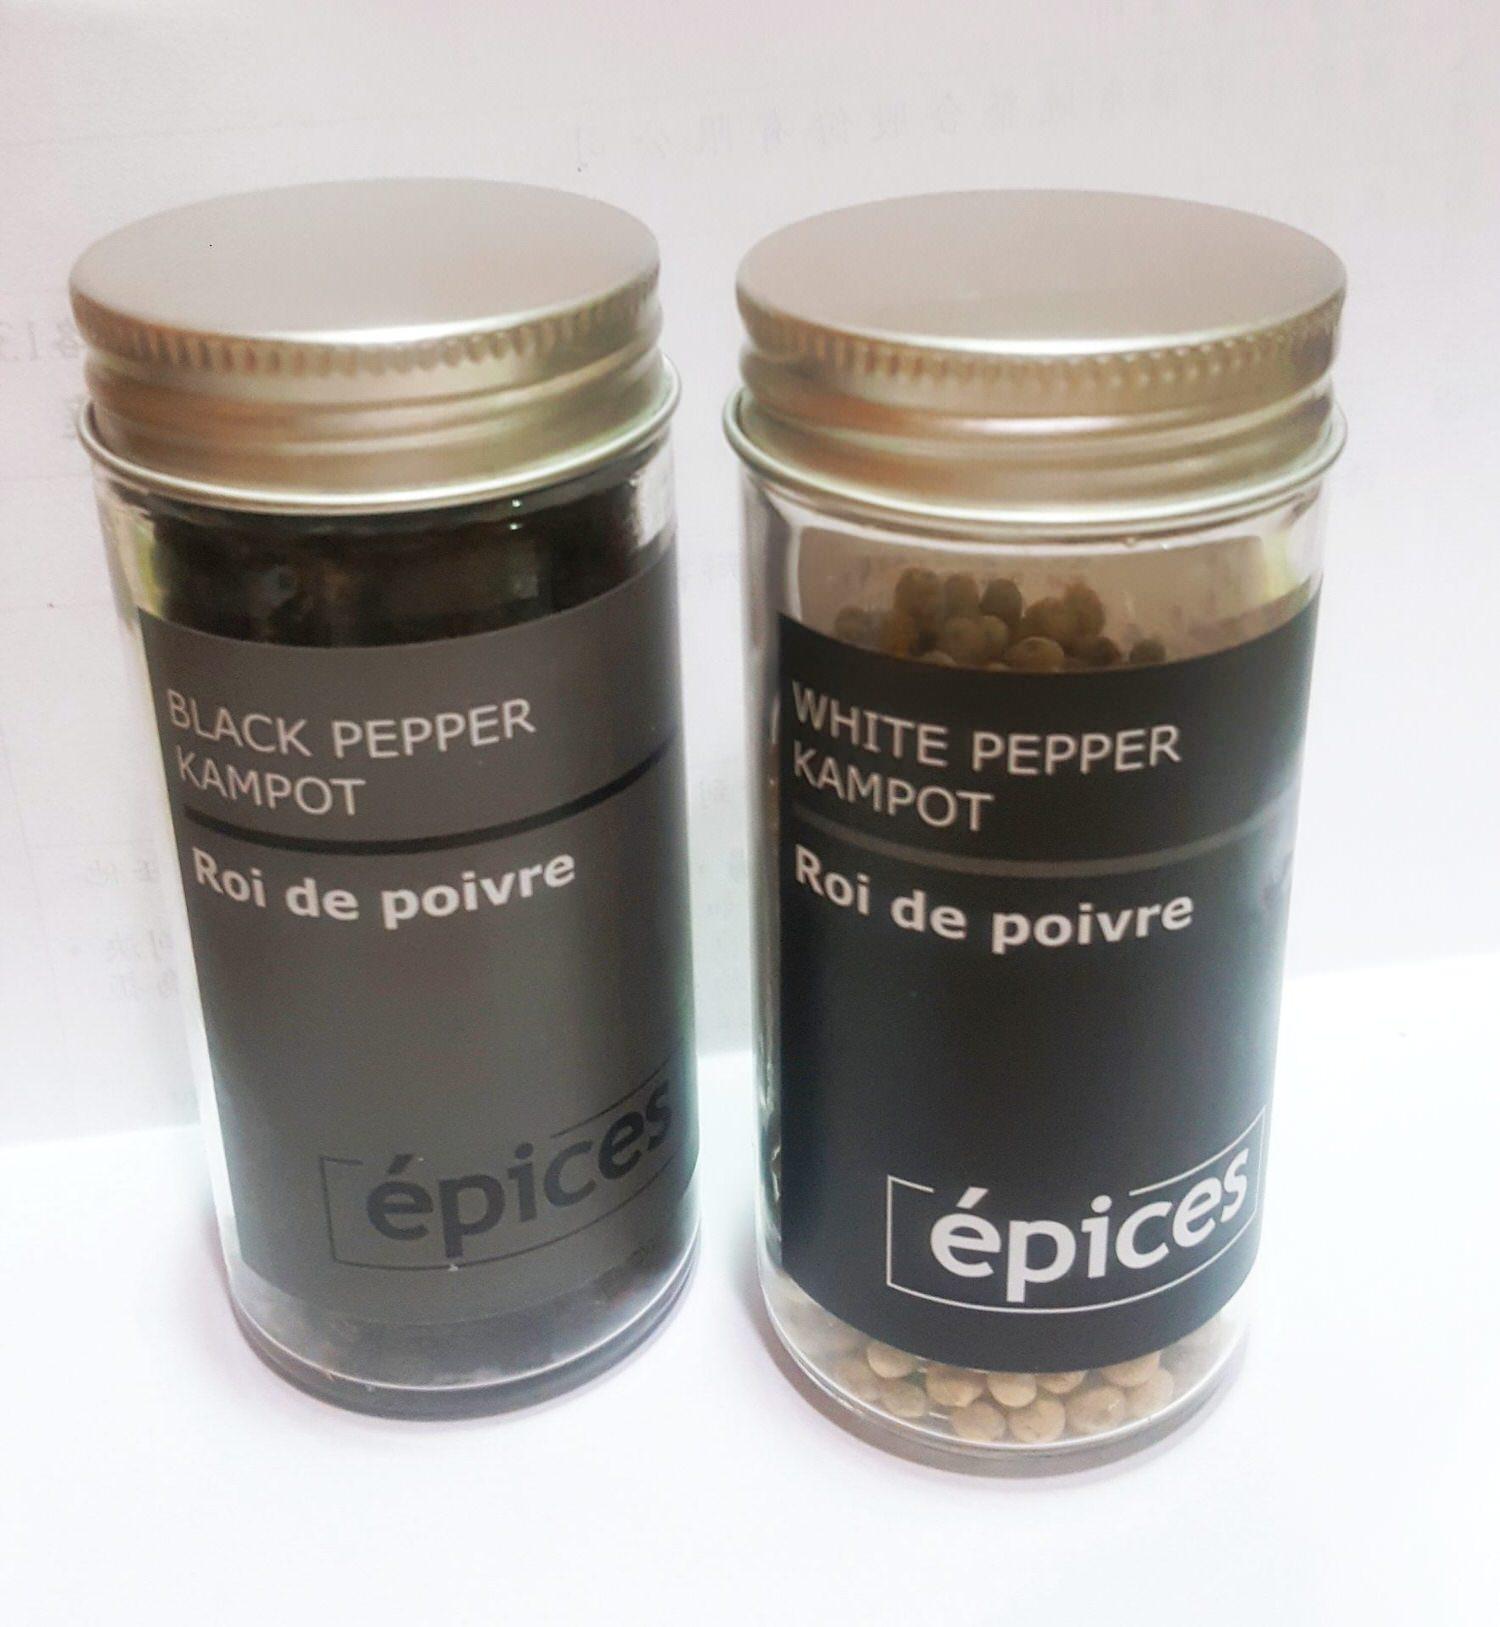 【體驗】歐盟「PGI產地認證」 ~epices貢布黑/白胡椒~最佳天然食物佐料×嗆辣花果香~